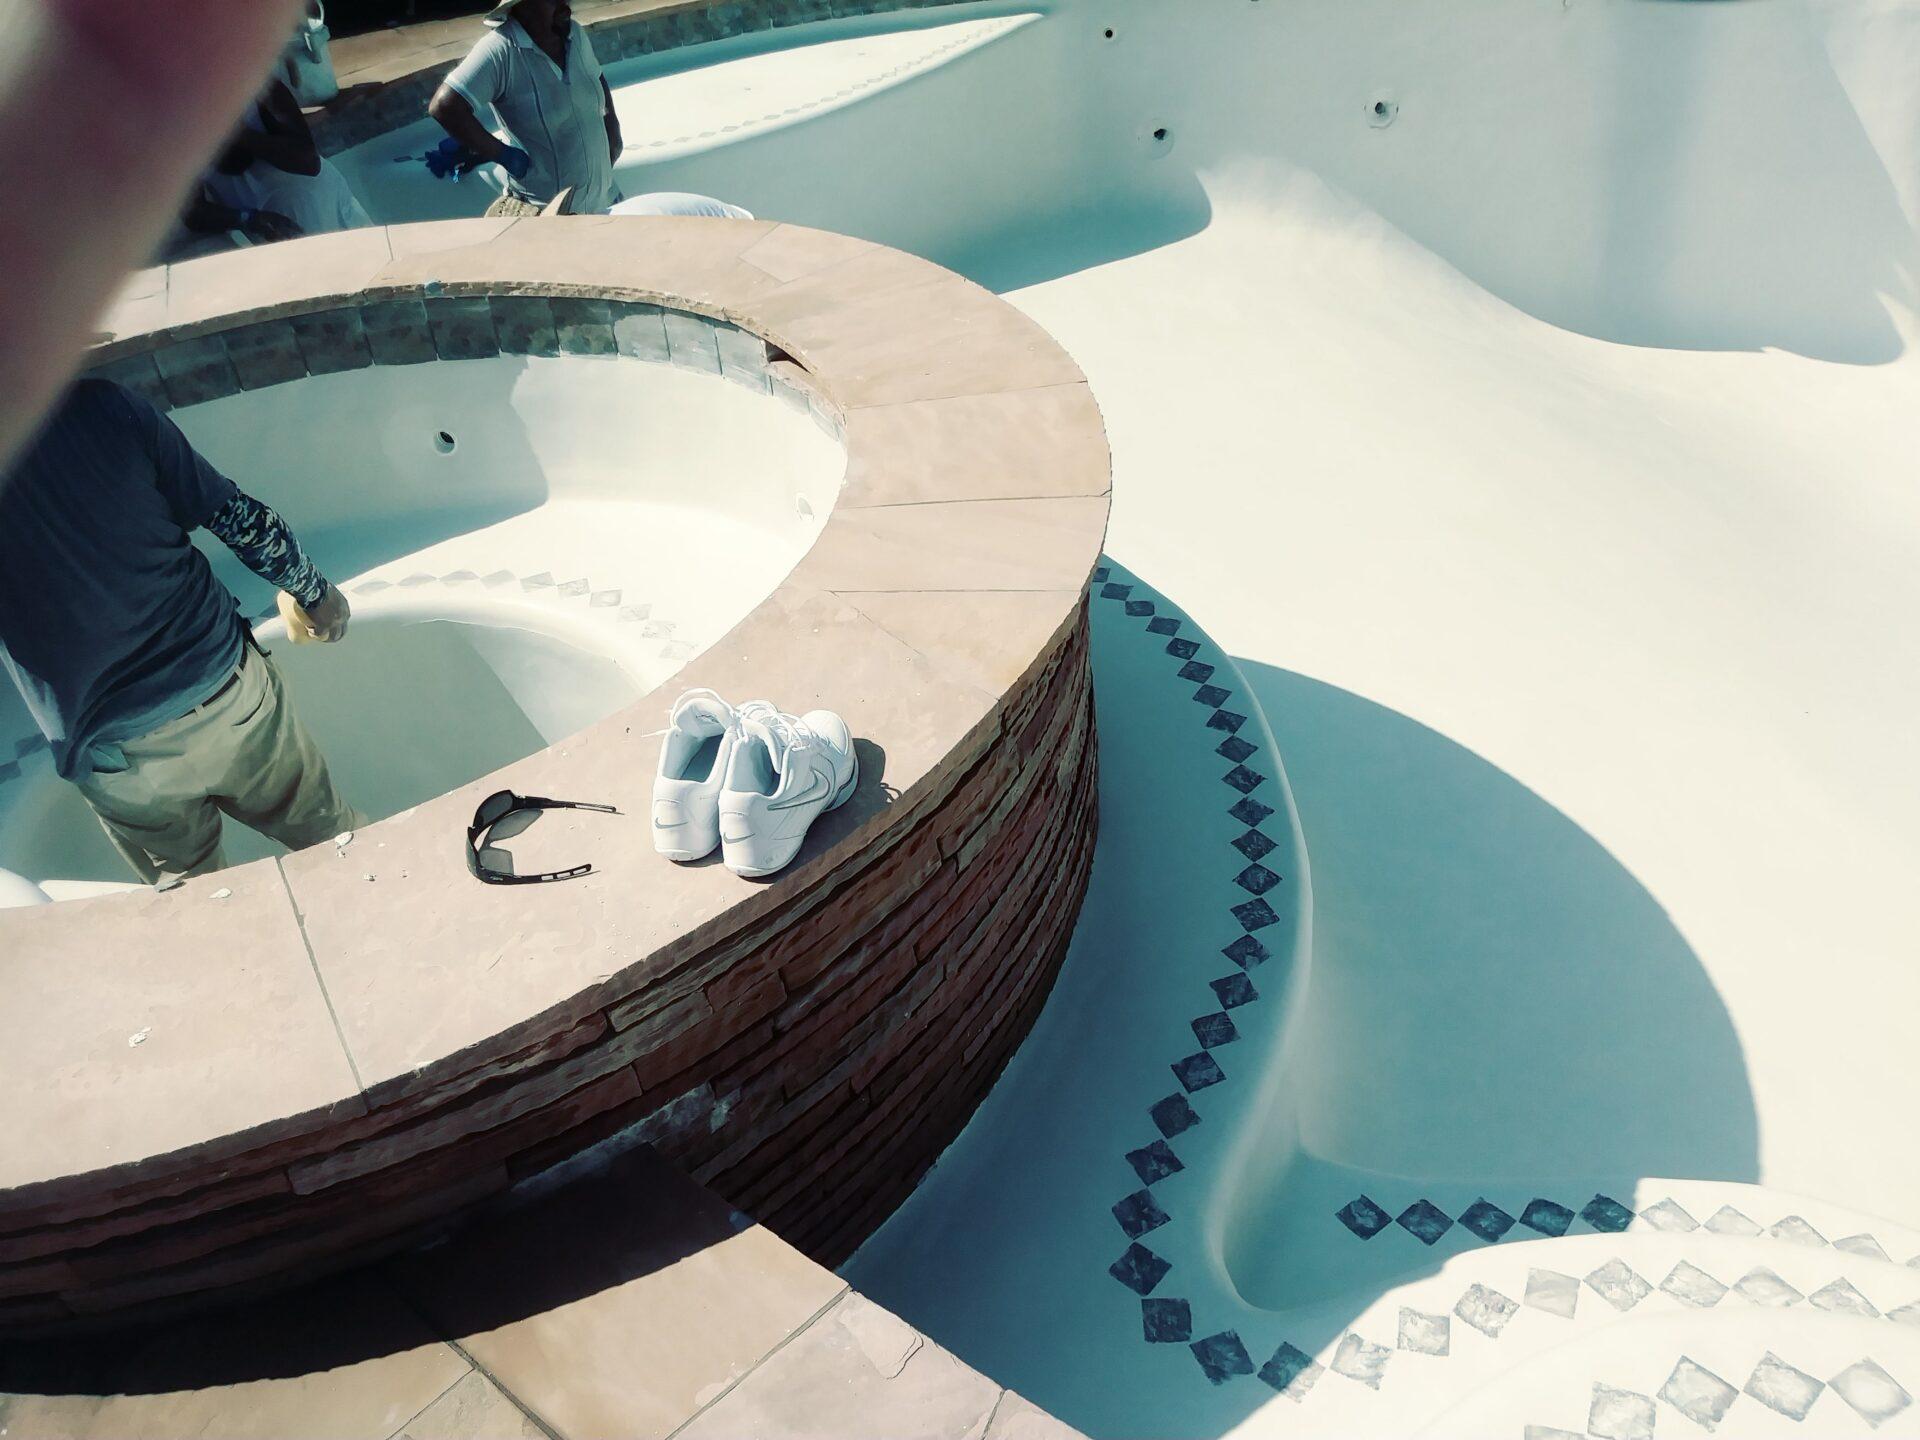 Pool Re-Plaster - Deerfield - After Image001